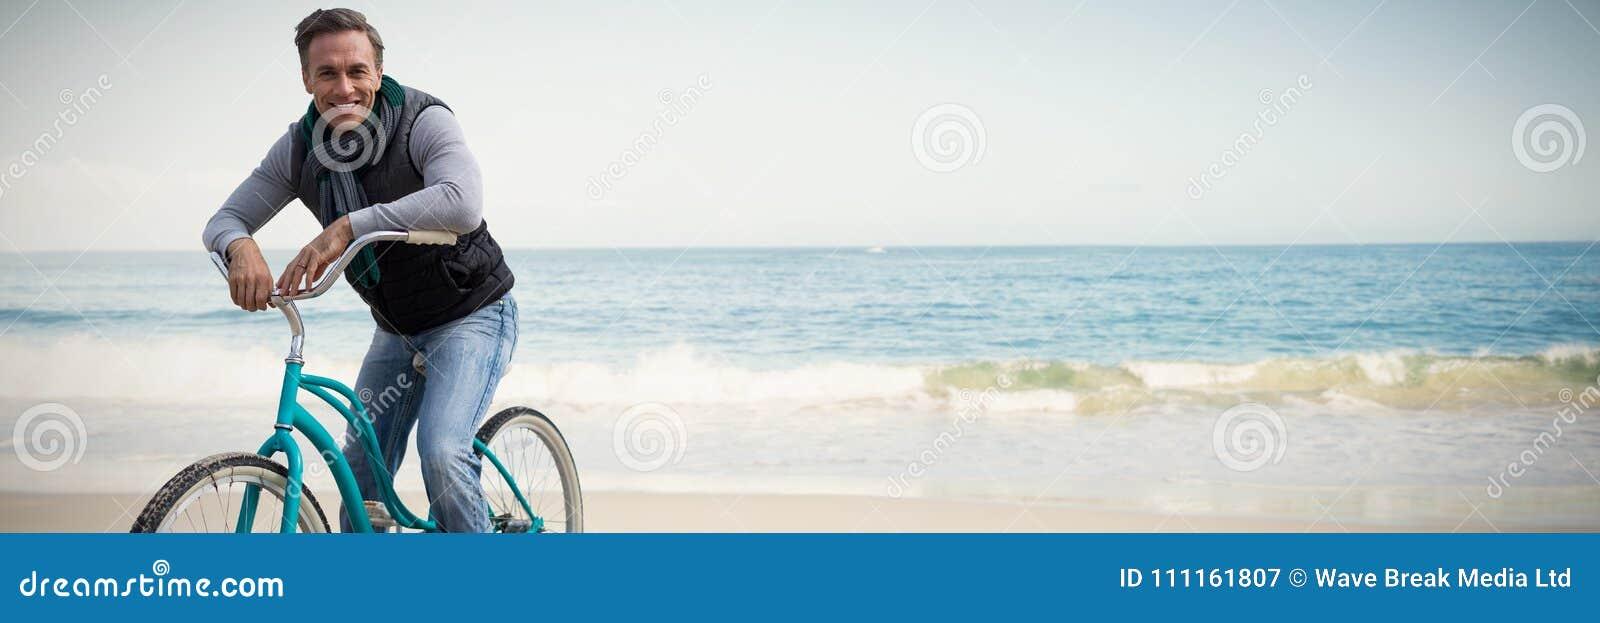 Imagem composta do composto digital do homem considerável em um passeio da bicicleta